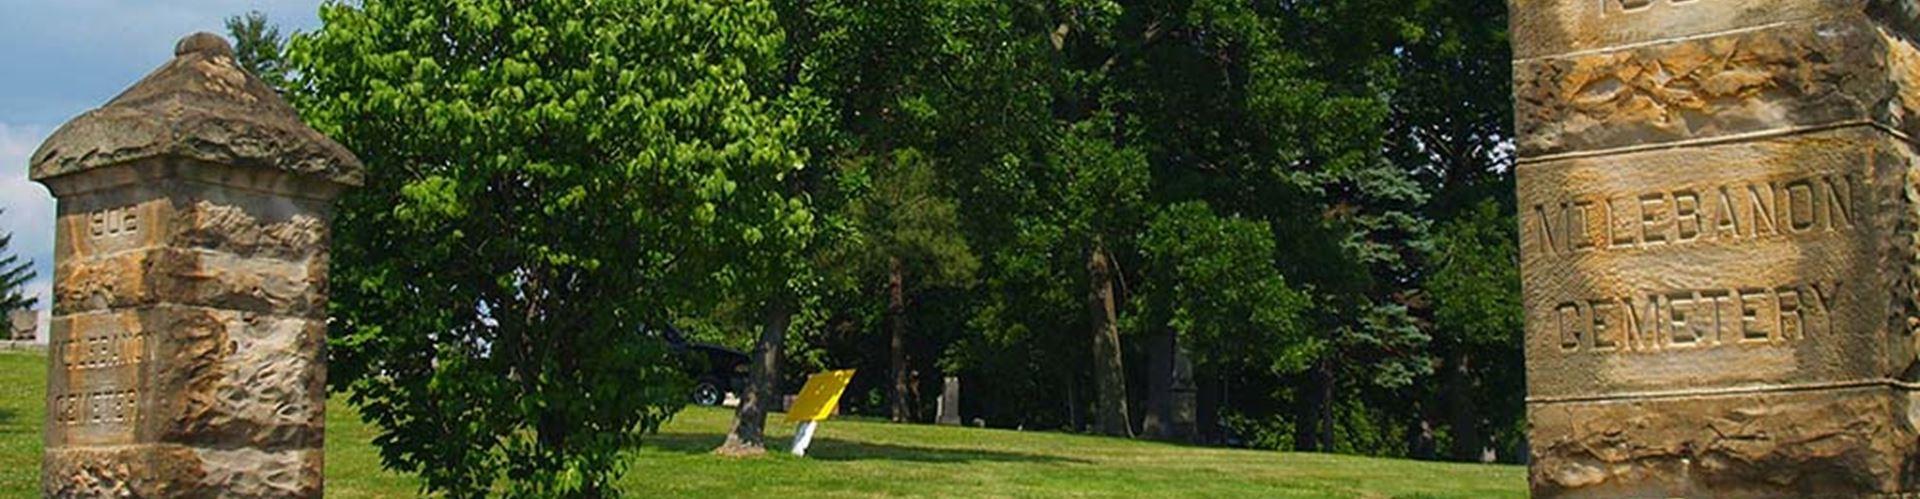 Mount Lebanon Cemetery Company